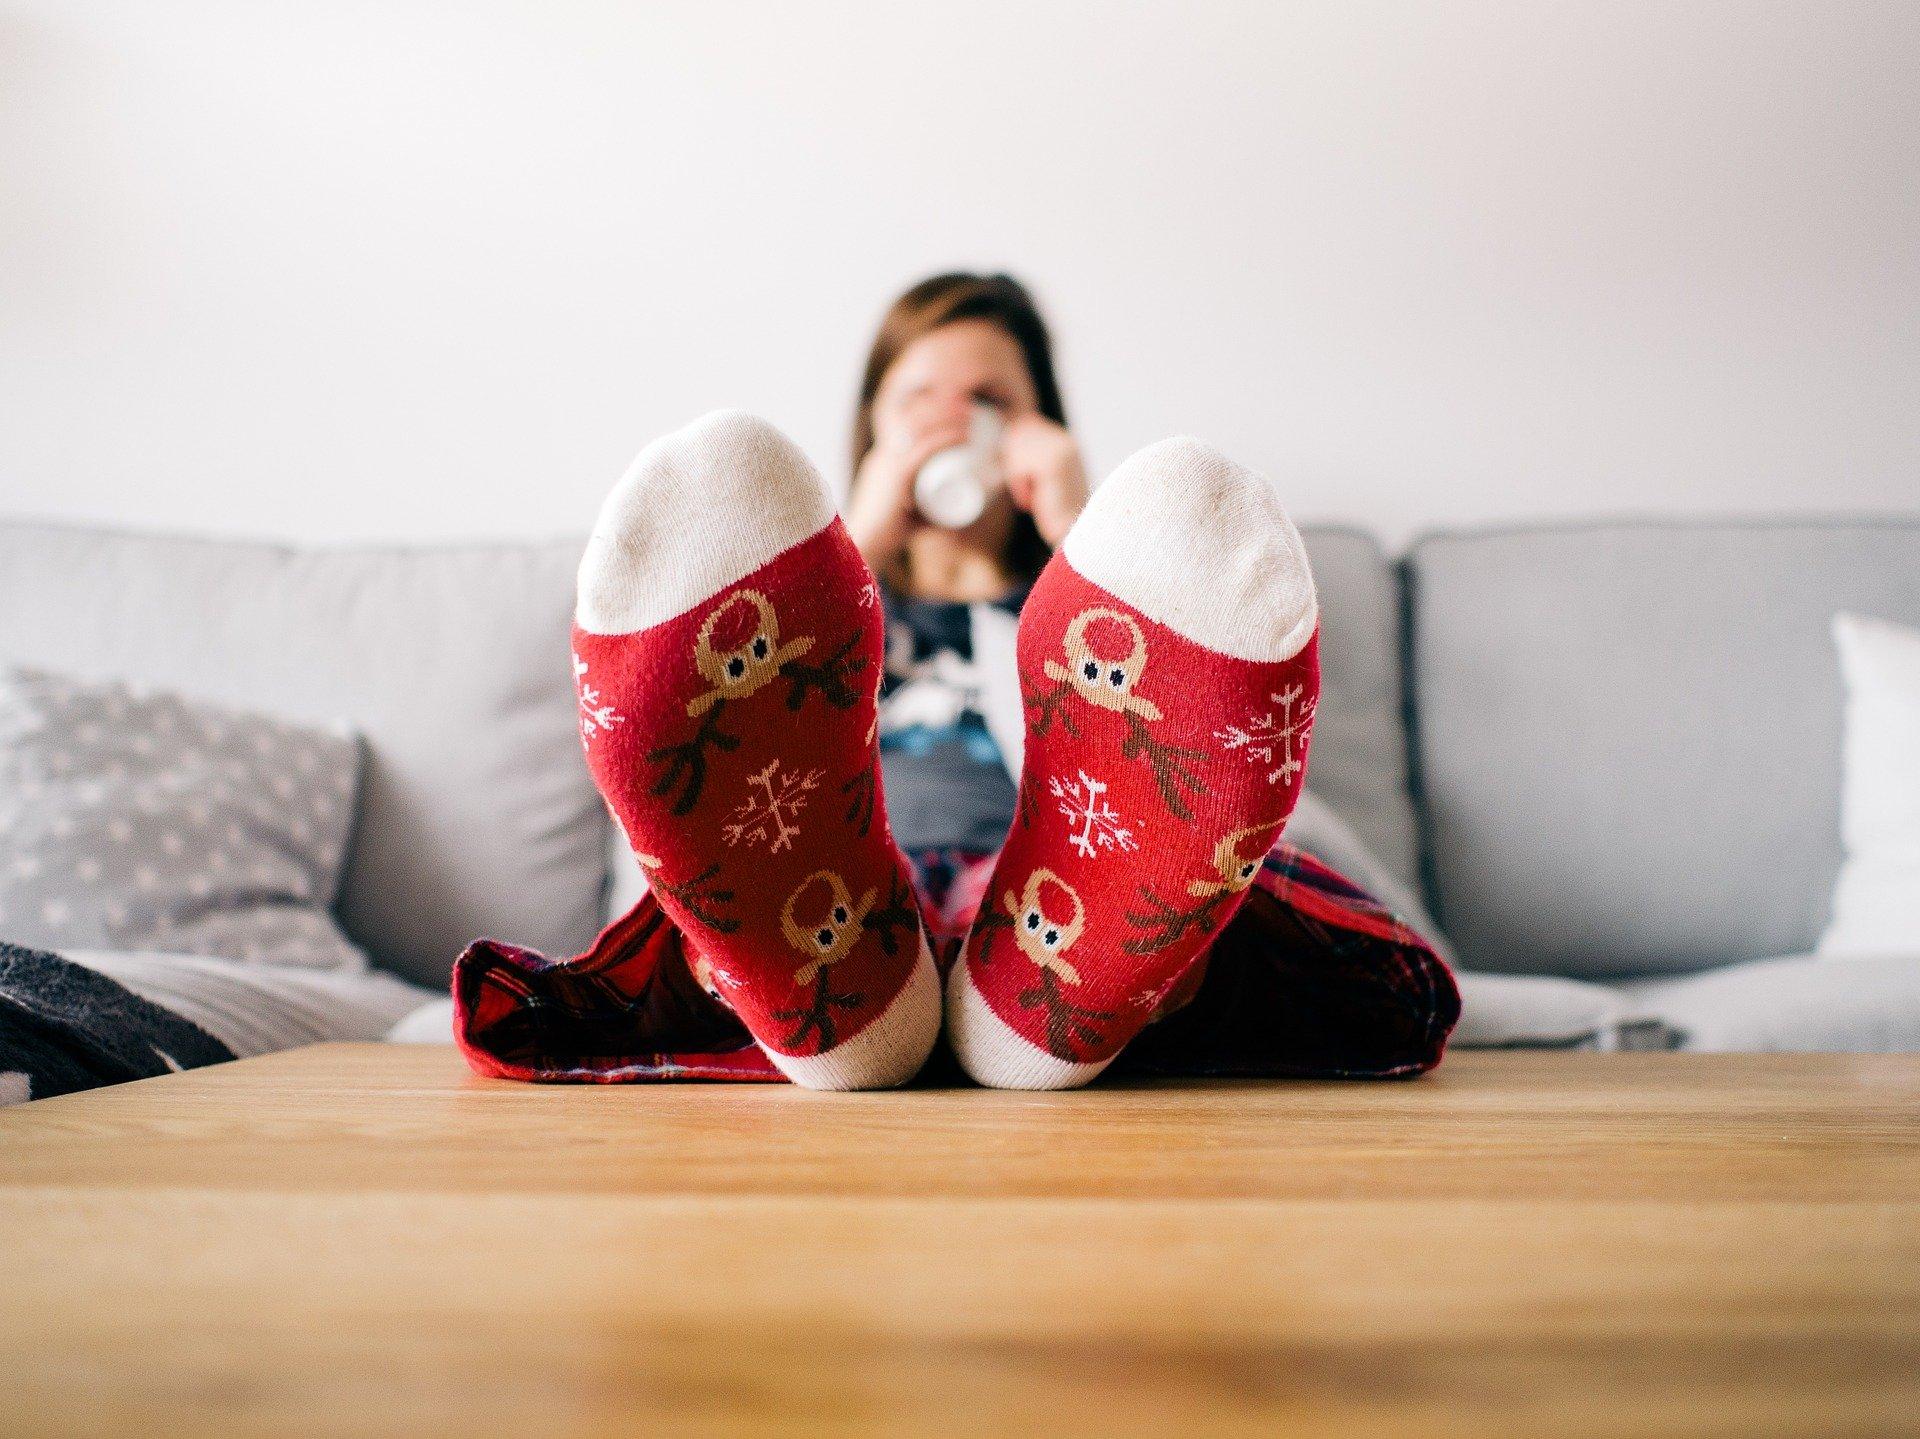 Füße in Weihnachtssocken